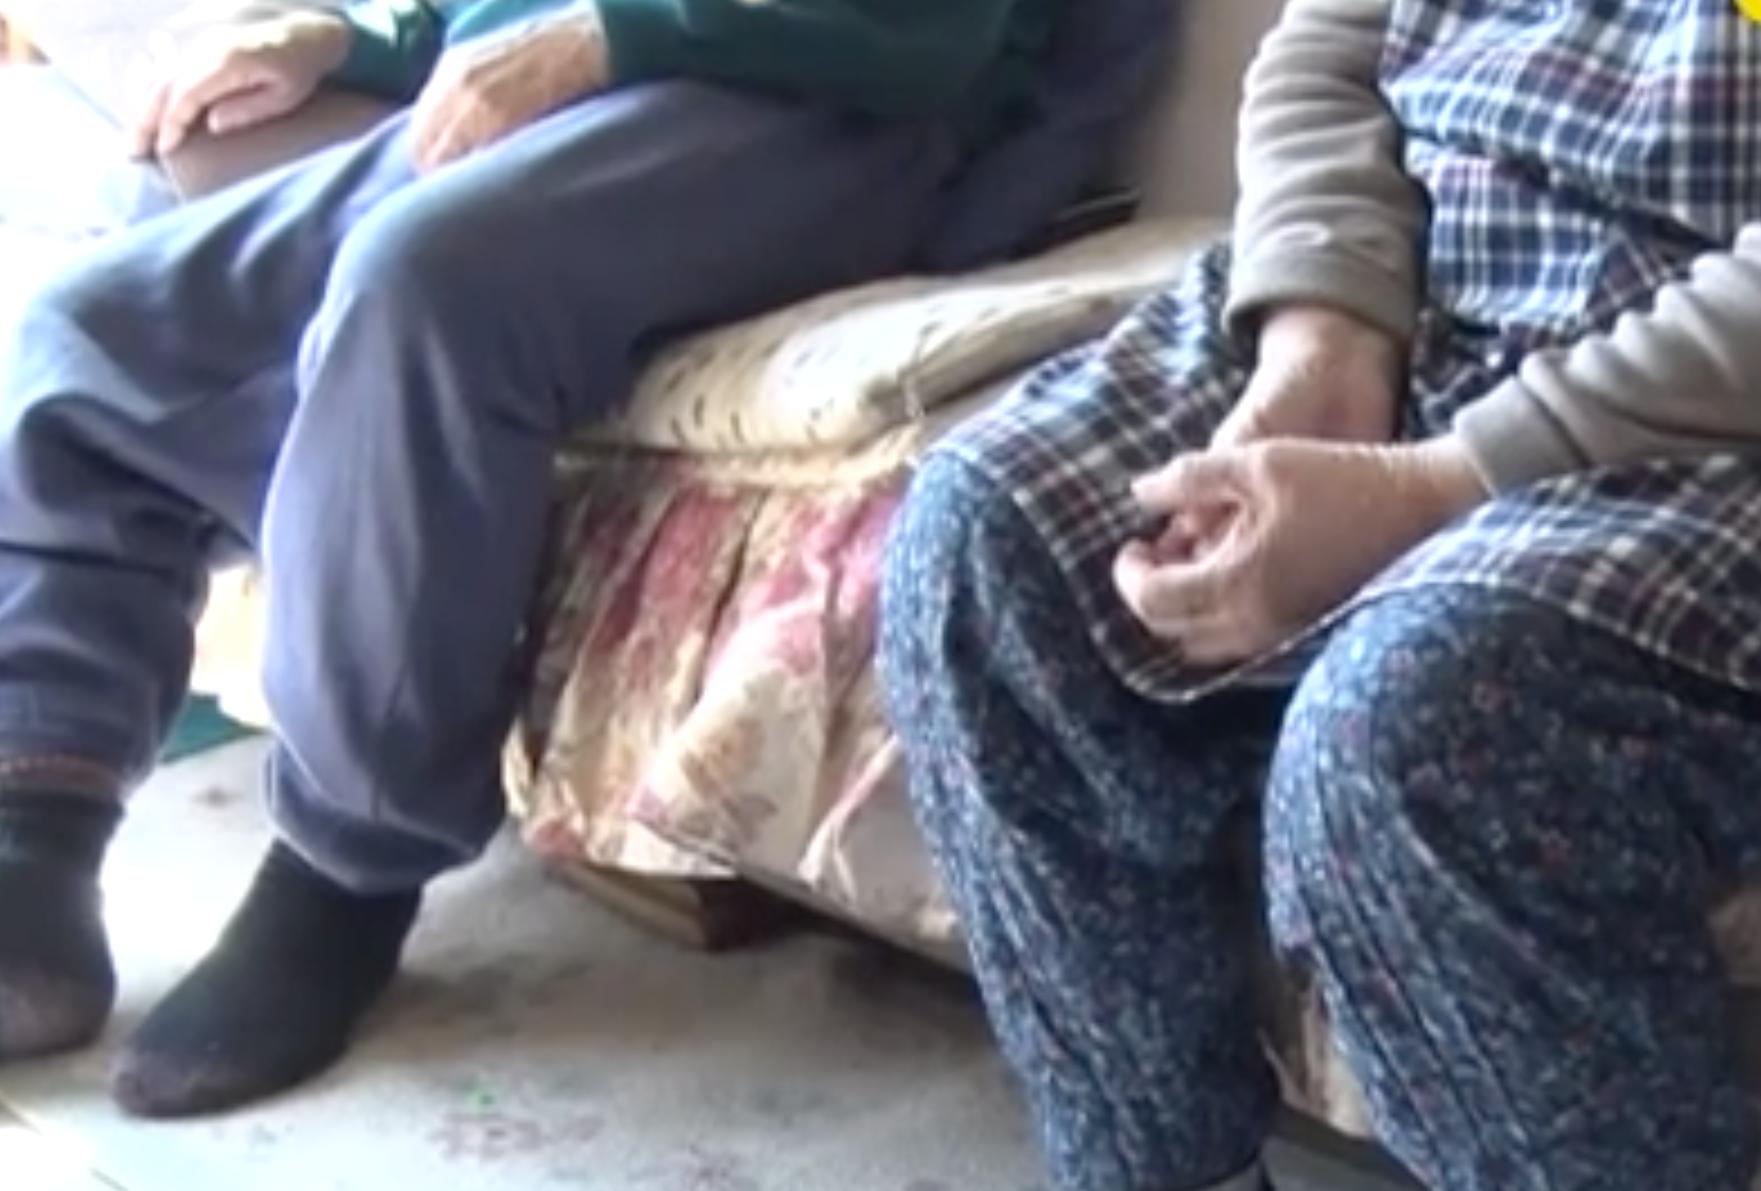 Vợ chồng già Nhật Bản bị cướp xông vào nhà lấy tiền, trước khi trốn thoát hắn để lại 10 chiếc khẩu trang trong sự ngỡ ngàng của nạn nhân - Ảnh 2